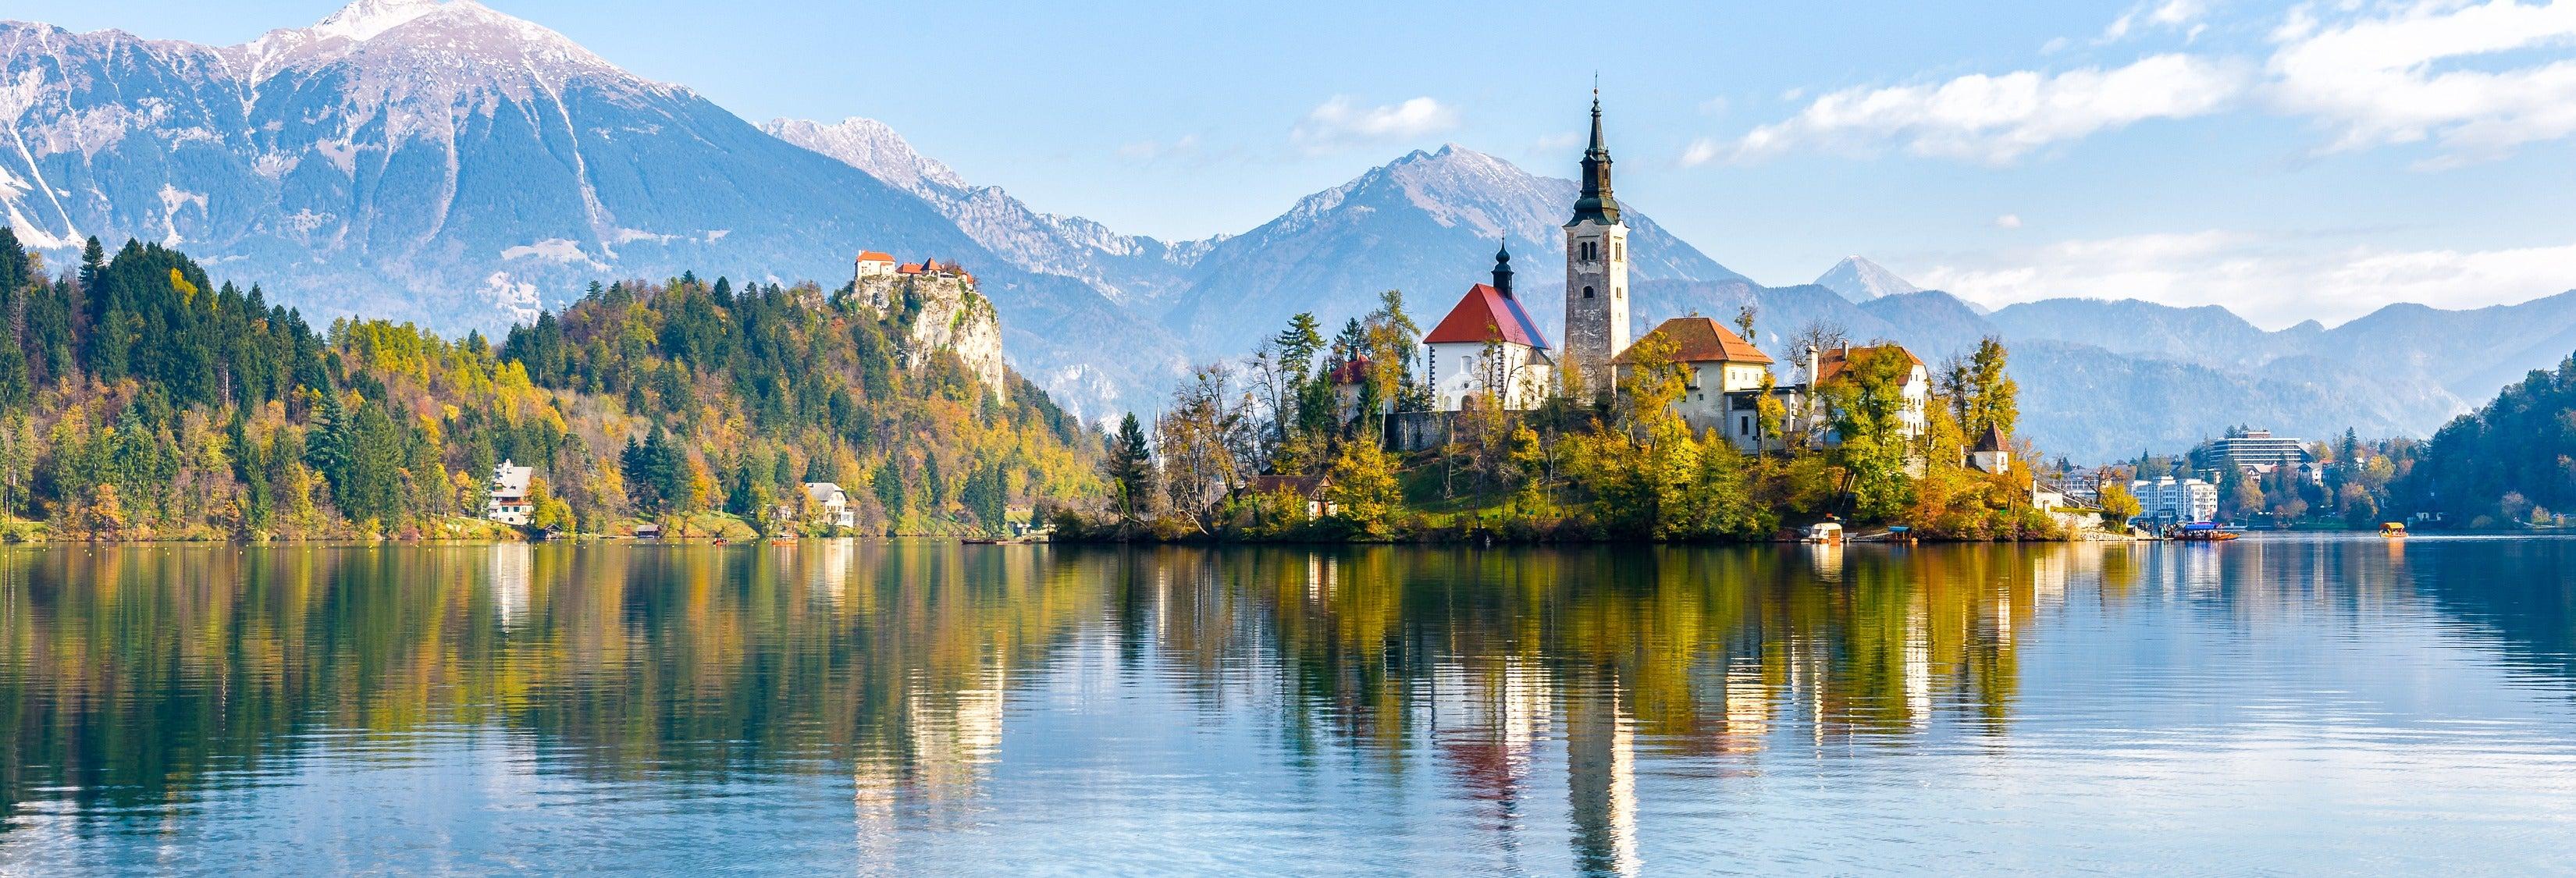 Excursão a Bled